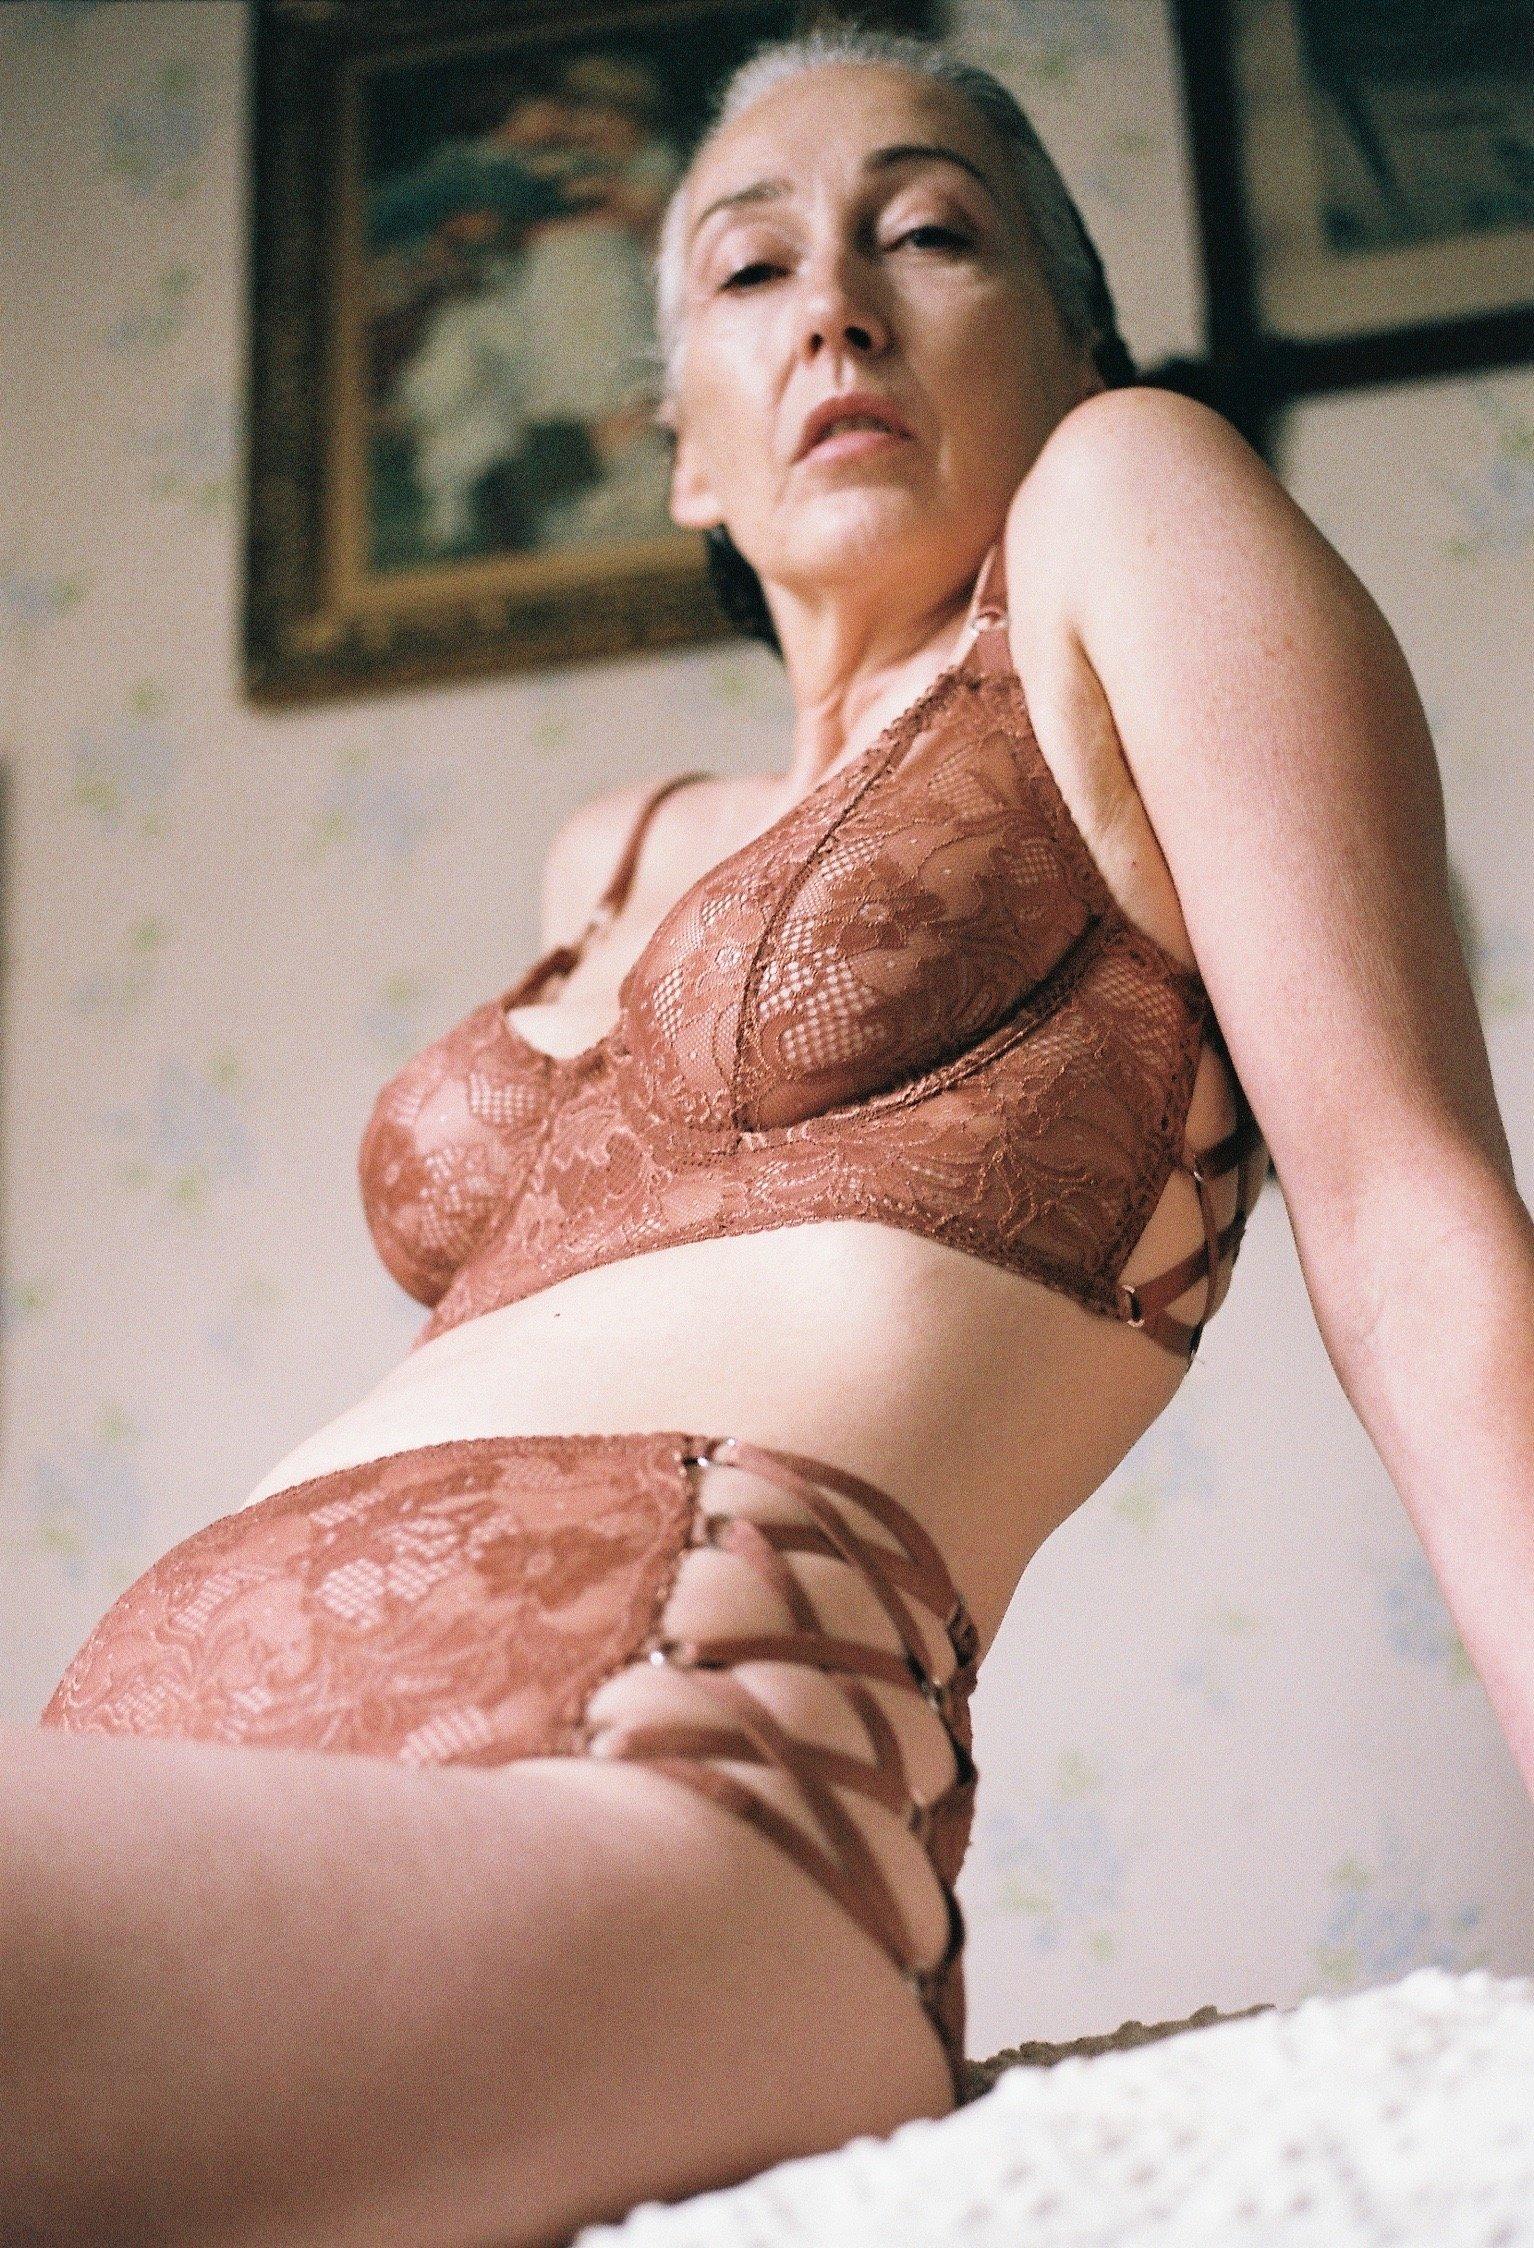 Amateur michele is pregnant